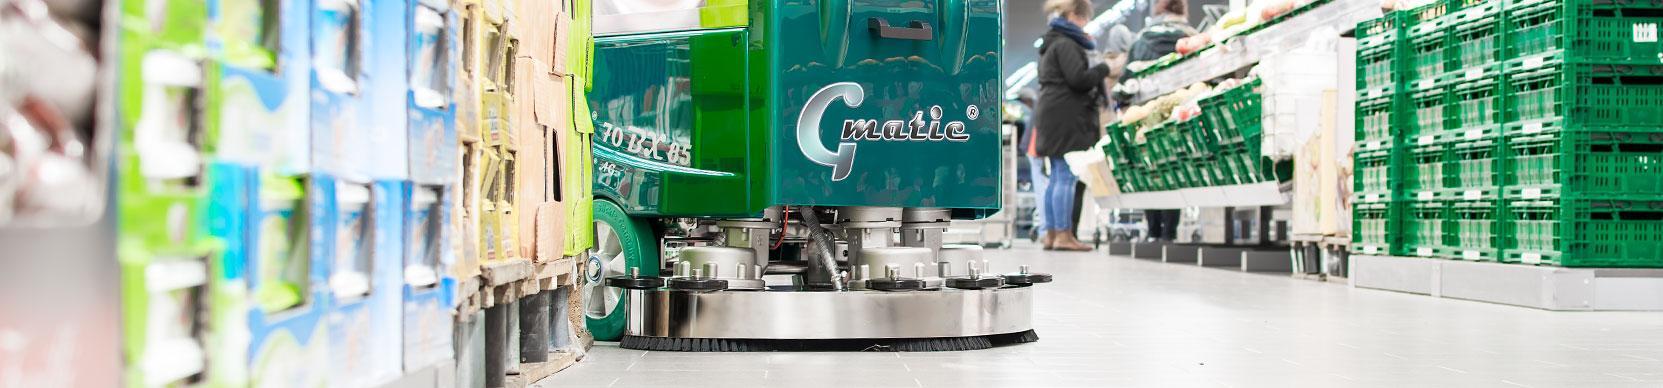 Scheuersaugmaschine Gmatic 80BTXS85 im Supermarkt